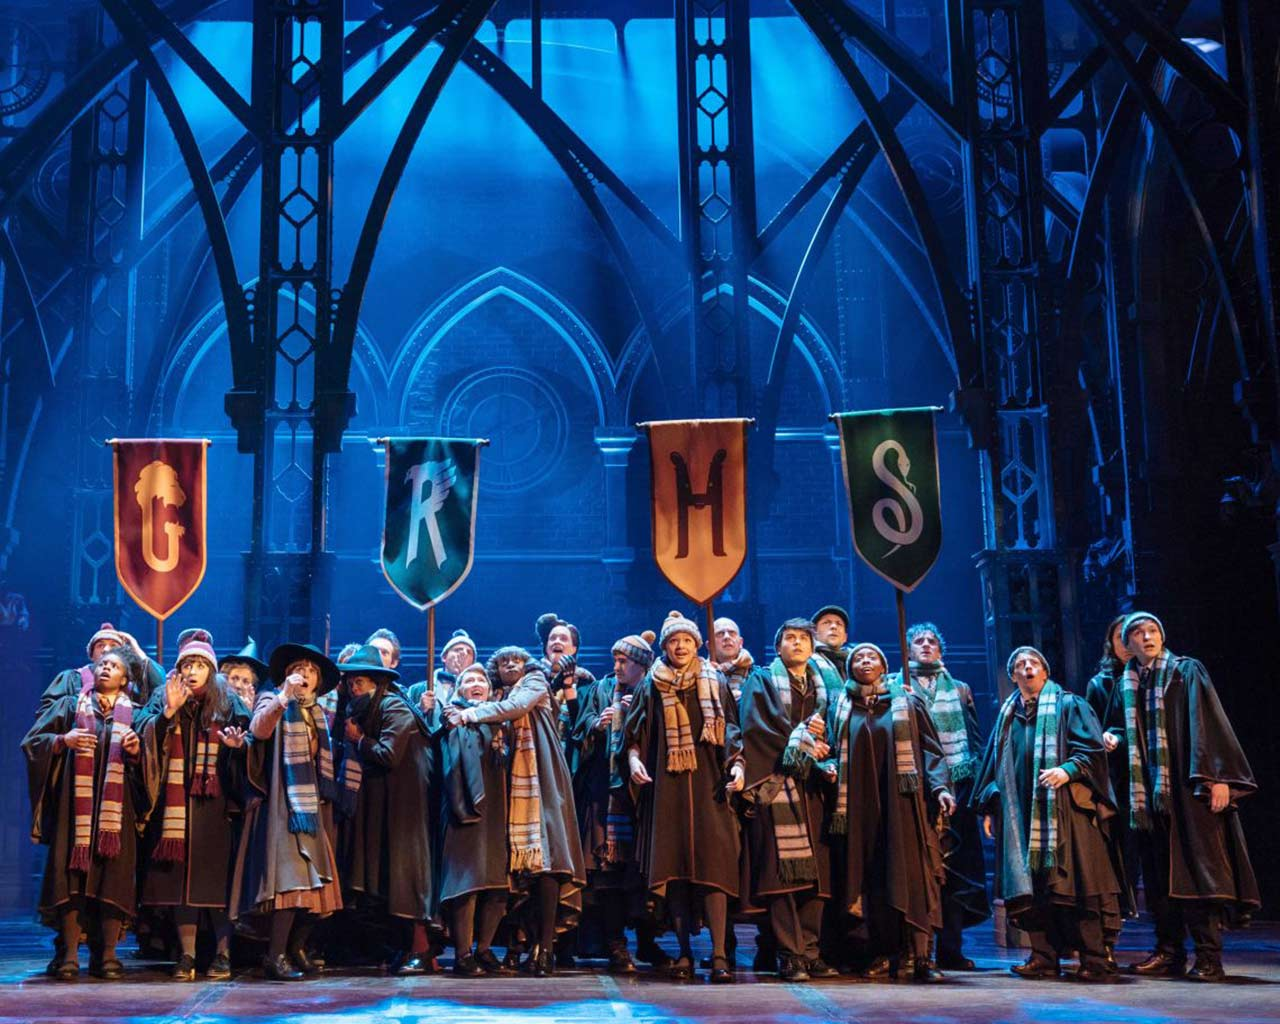 Harry Potter Und Das Verwunschene Kind In London Tickets Preise Infos Kritik London Mal Anders